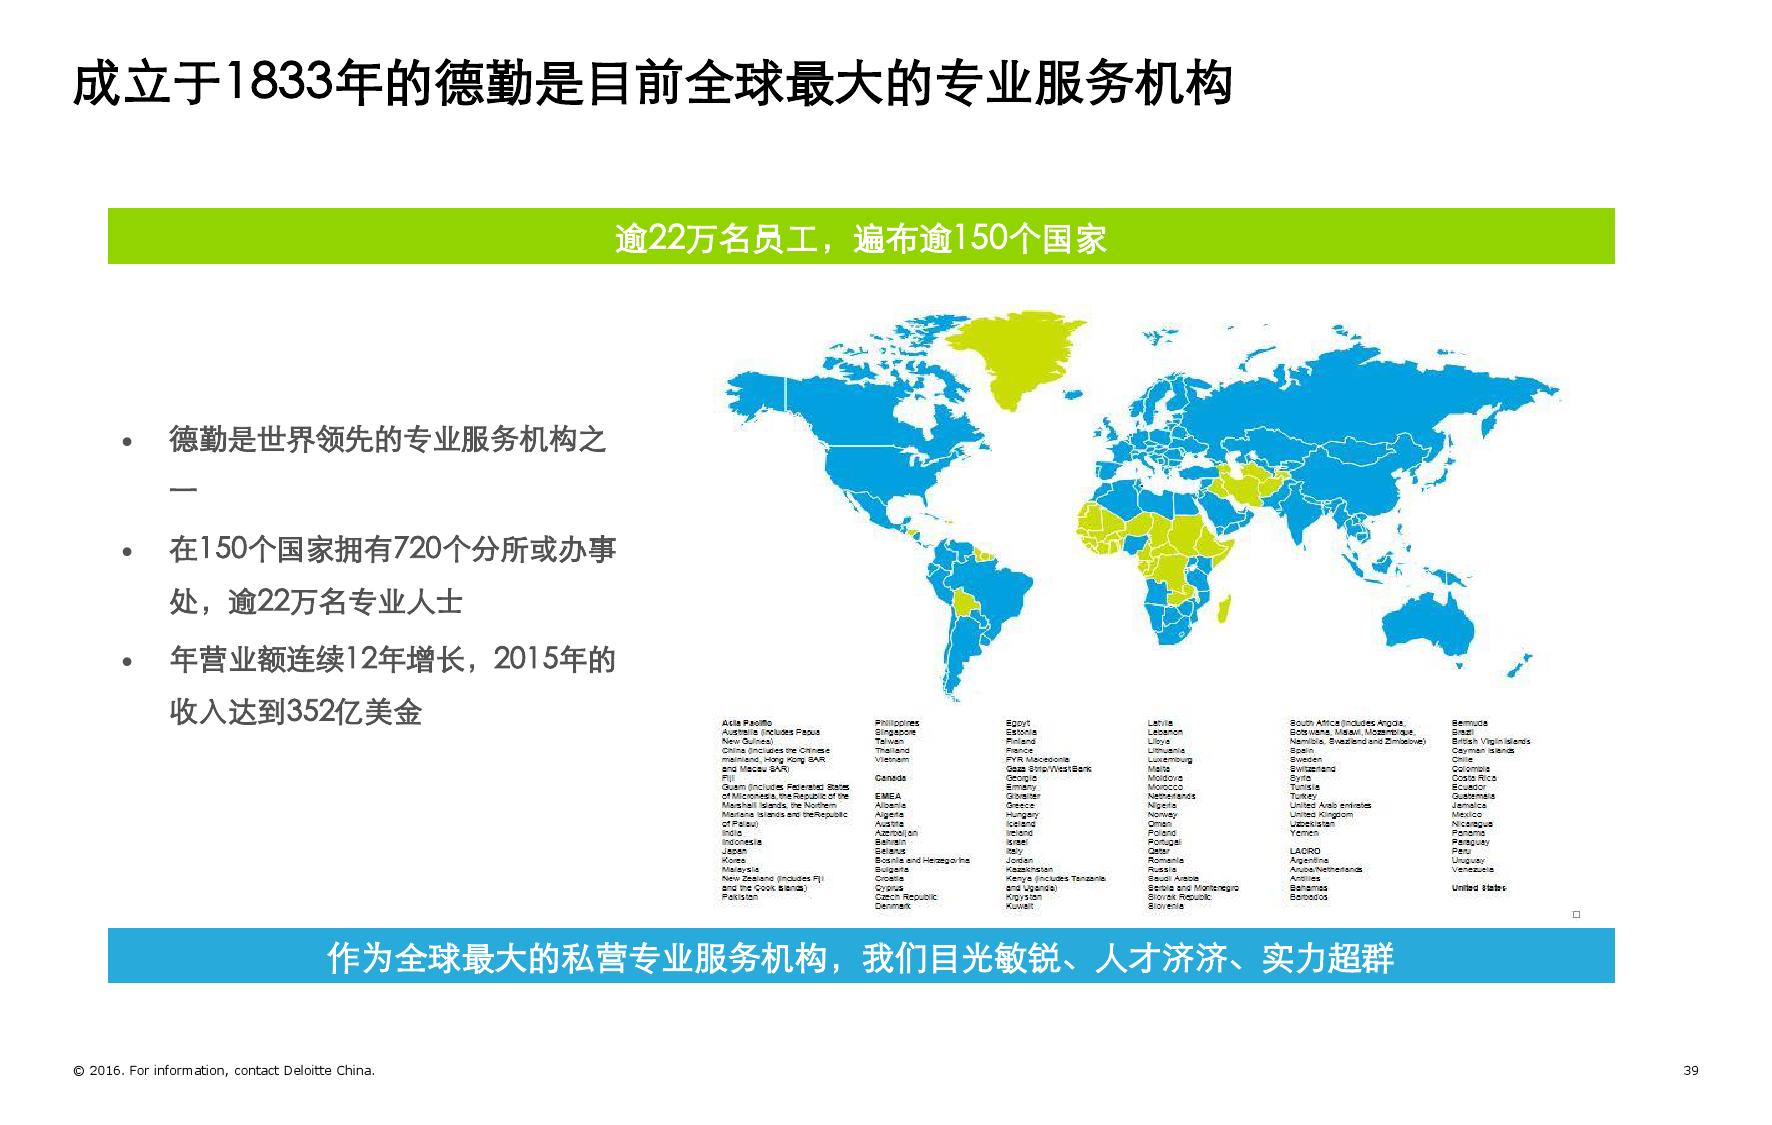 2016年互联网金融行业人力资源管理暨薪酬激励调研报告_000039